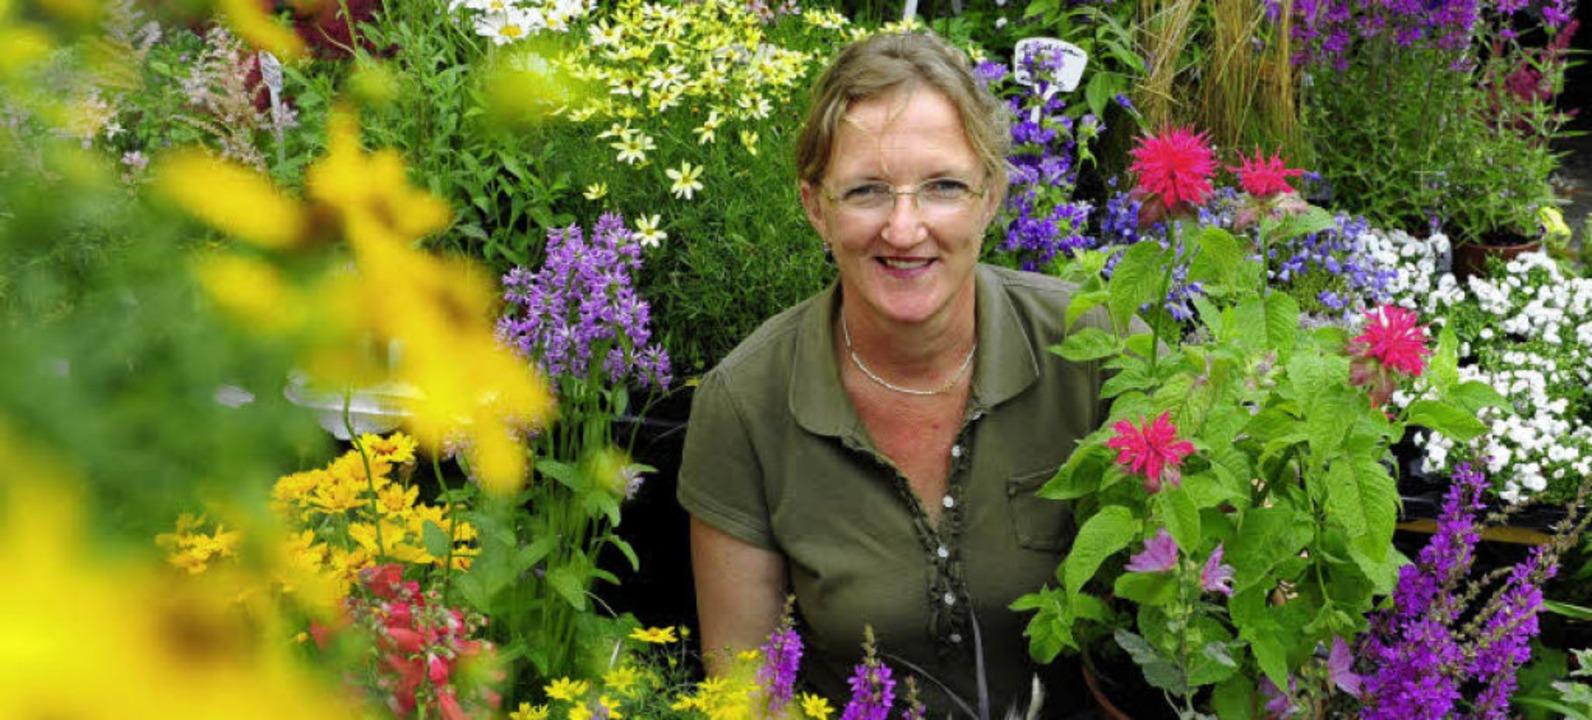 Mirjam Kost gibt das Blumenfachgeschäf...uf dem Münstermarkt  führt sie weiter.    Foto: Schneider